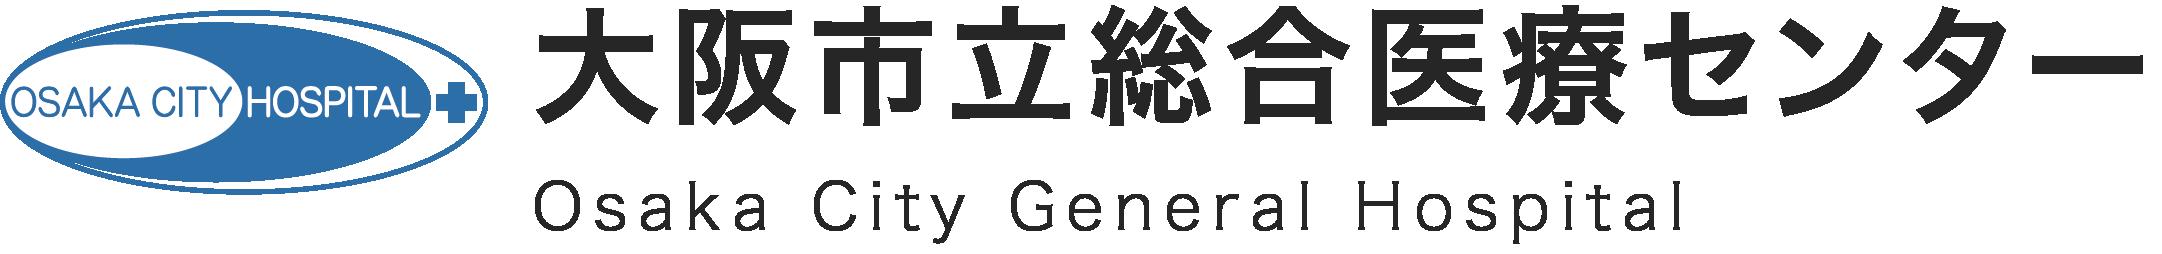 大阪市立総合医療センター,Osaka City General Hospital